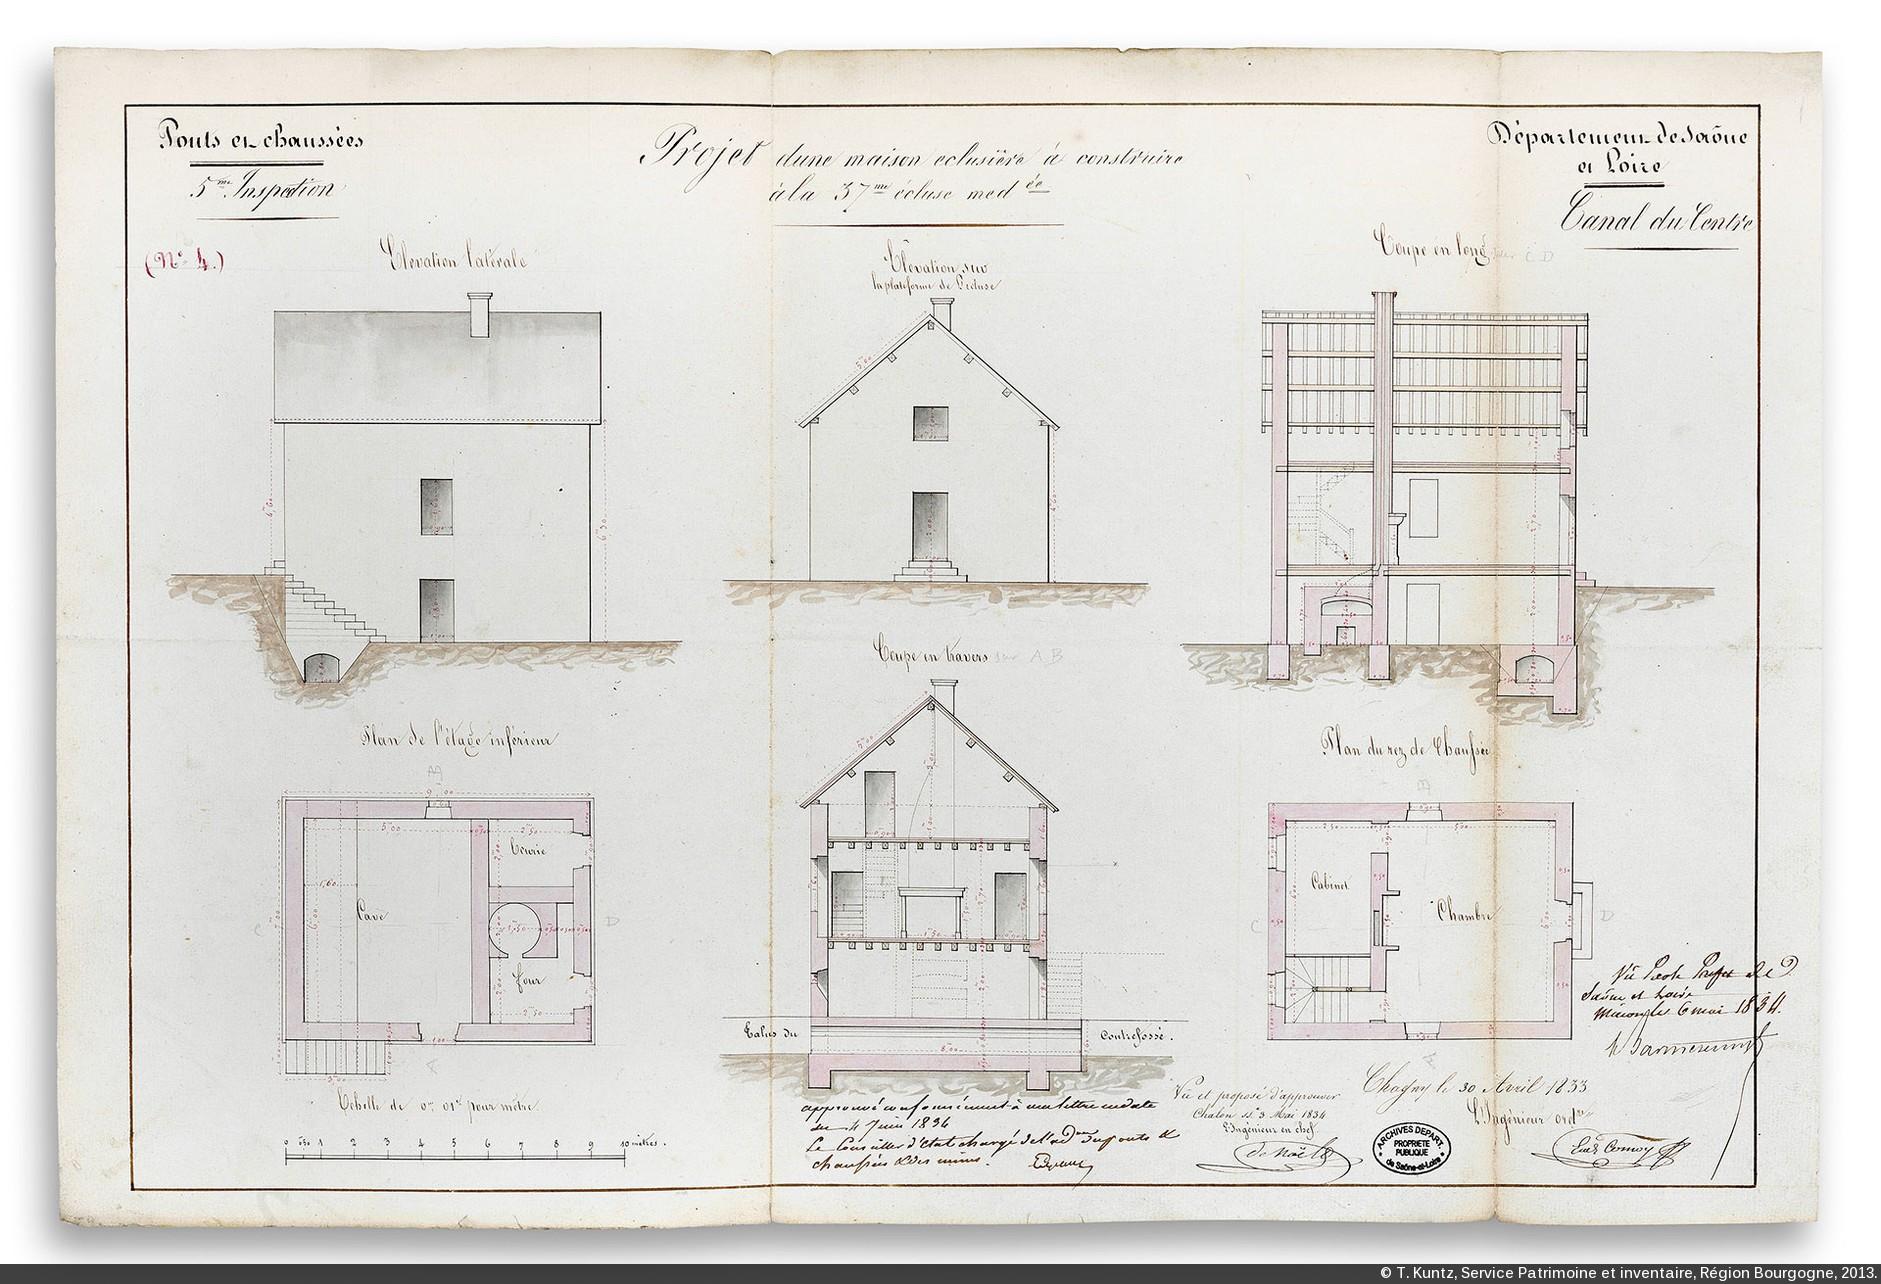 Canaux de bourgogne gen se 18e si cle 1783 for La maison du cabriolet